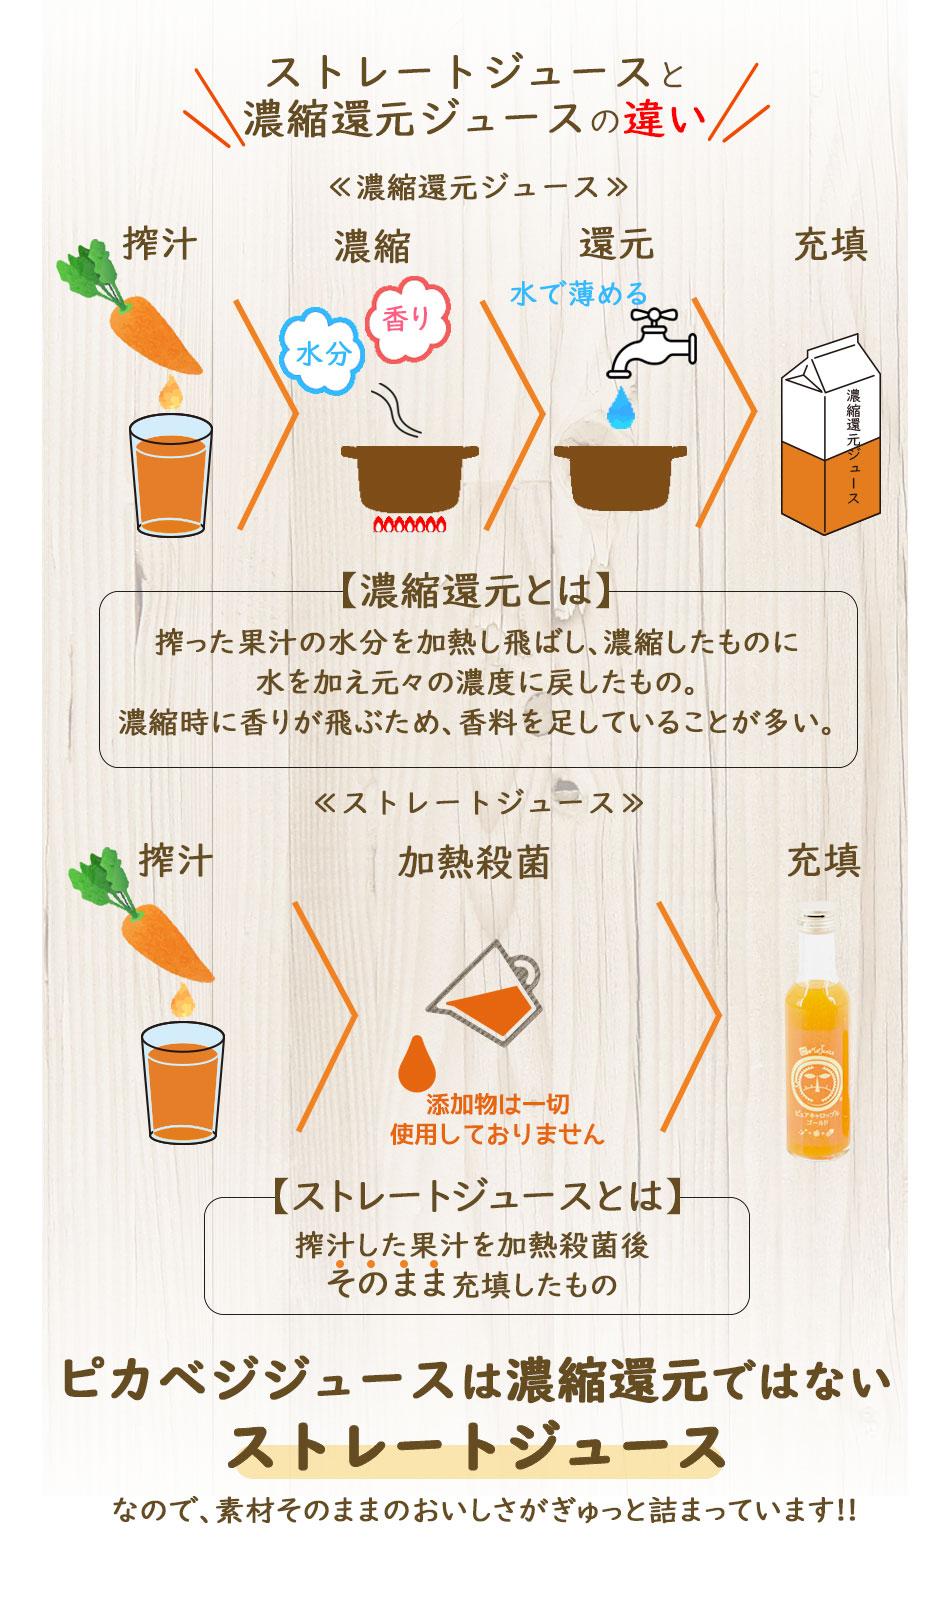 ピカベジジュースは濃縮還元ではないストレートジュース